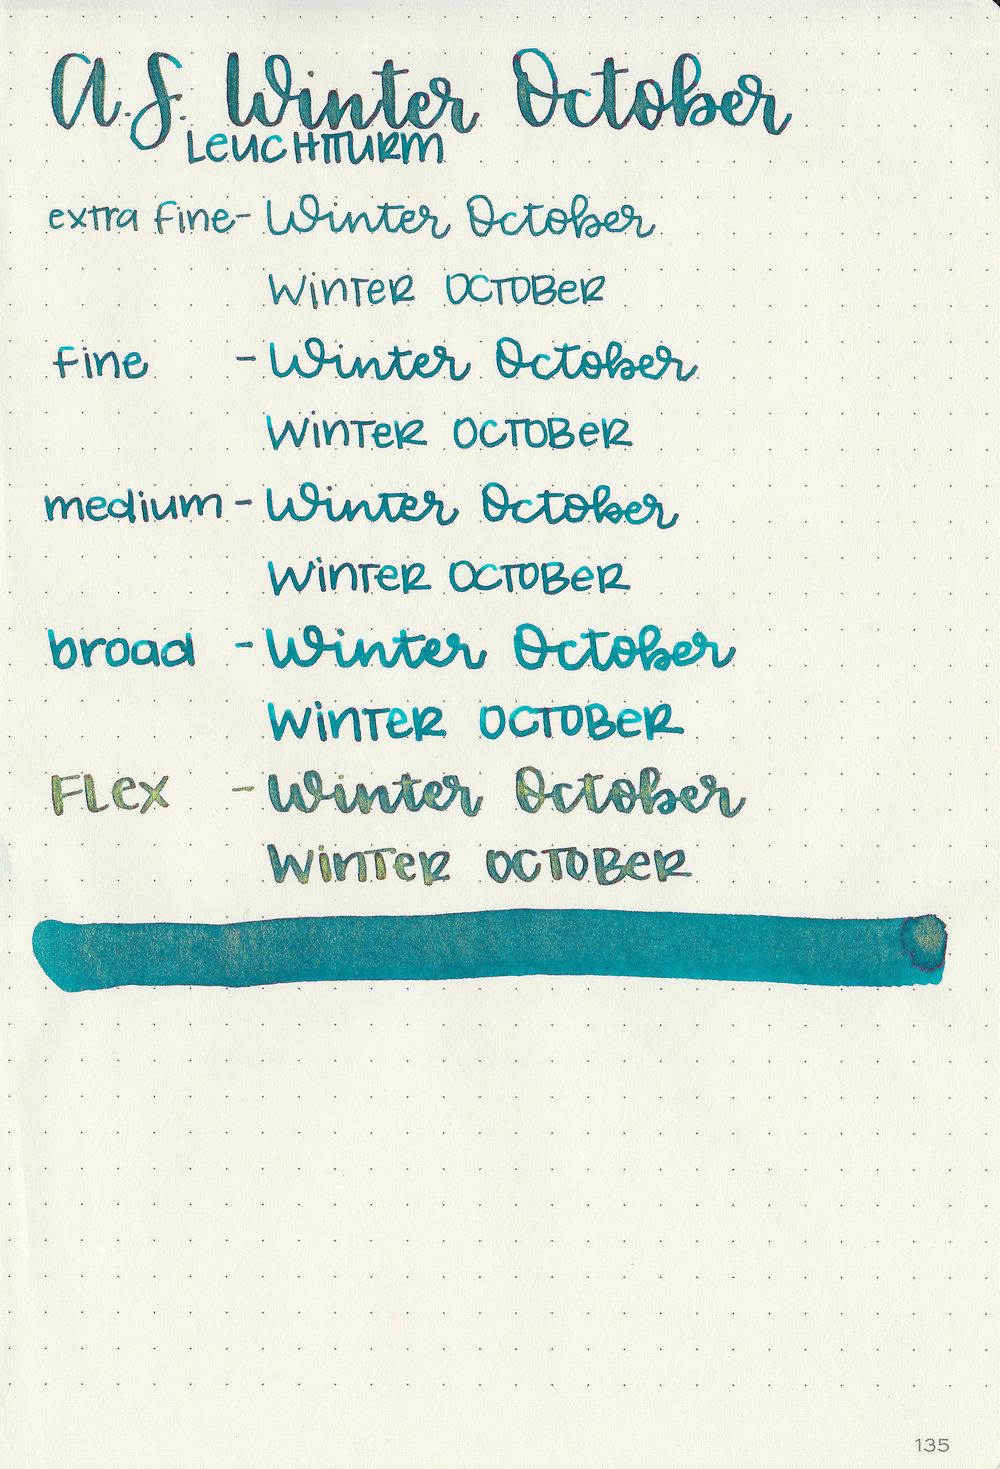 as-winter-october-10.jpg